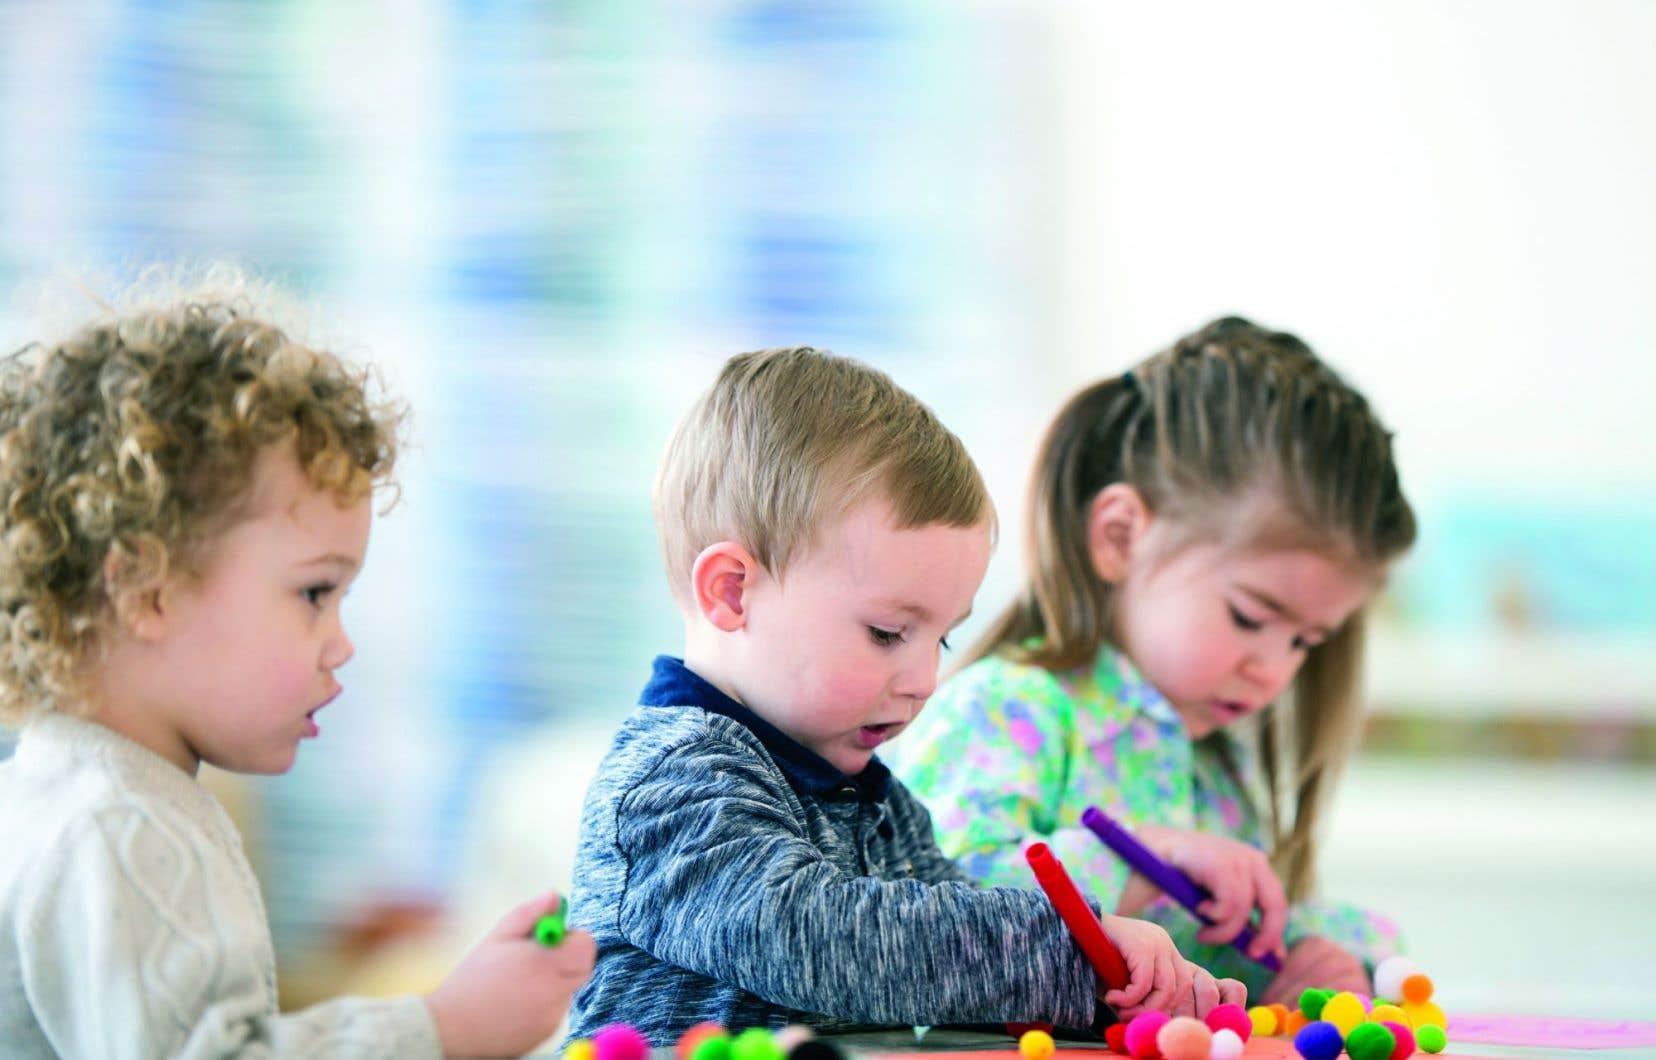 Le service de la maternelle quatre ans, comme déployé à l'heure actuelle, ne réduit pas «de façon significative l'effet des conditions sociodémographique des enfants sur leur préparation à l'école», selon le rapport de recherche de Christa Japel, professeure au Département d'éducation et de formation spécialisées de l'UQAM.